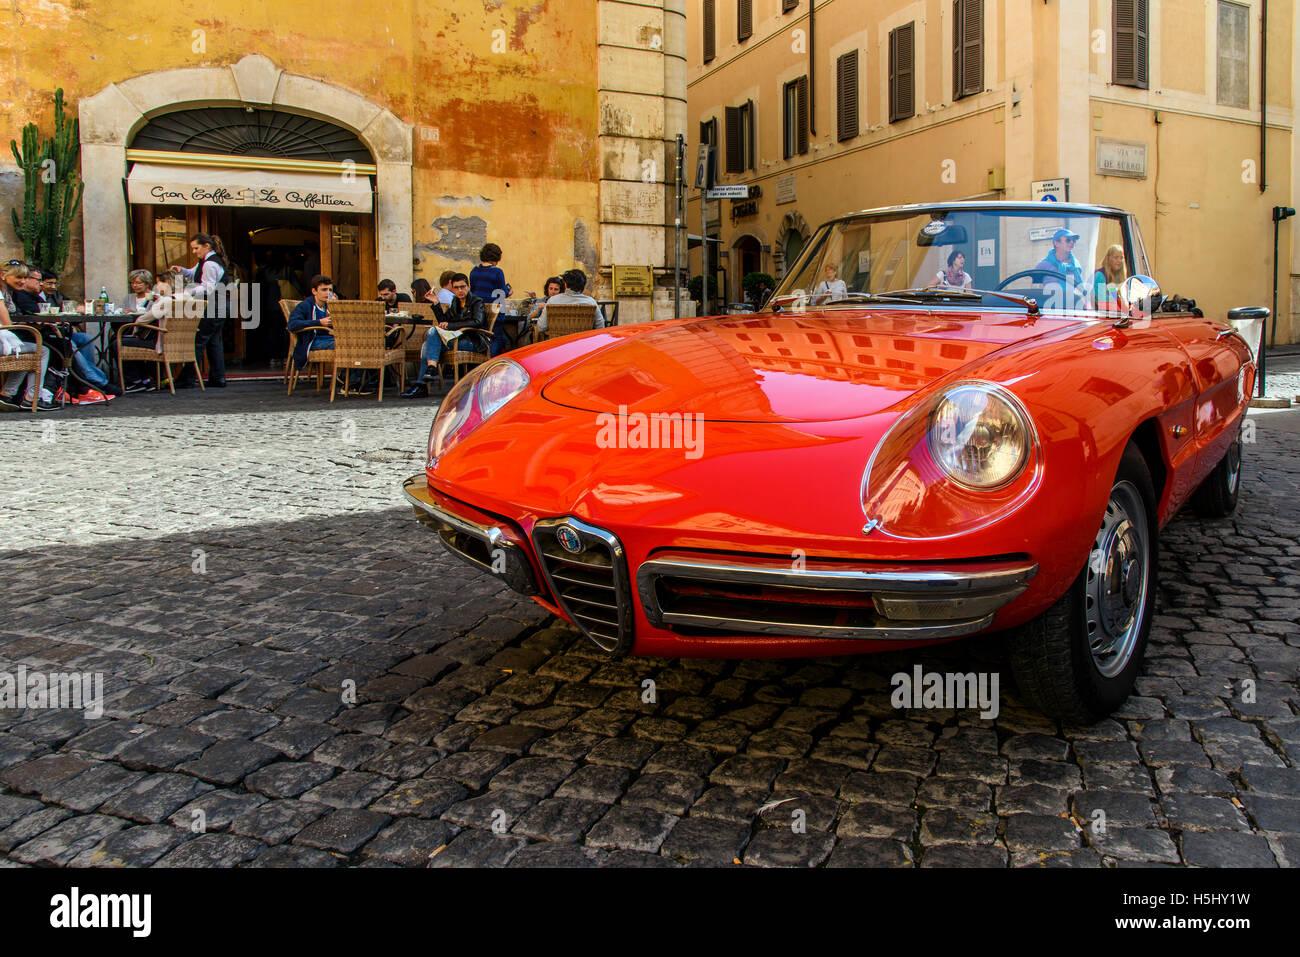 Alfa Romeo Duetto Spider parkten in einer Straße mit Kopfsteinpflaster von Rom, Latium, Italien Stockbild